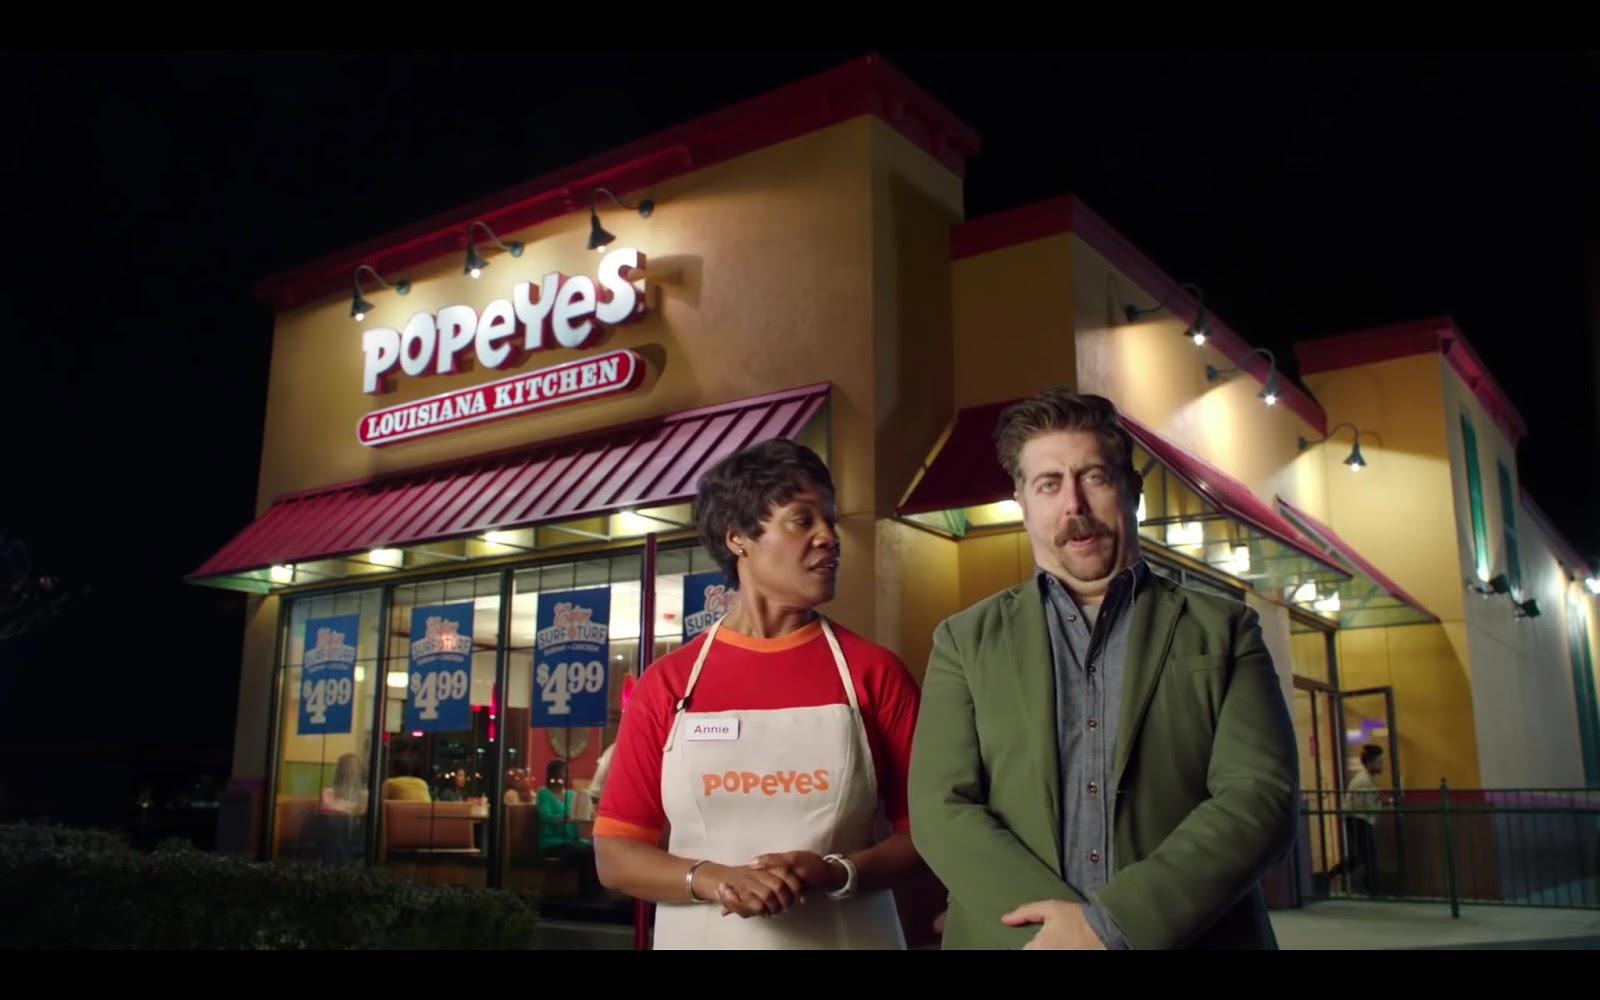 Spokeswoman Popeyes Chicken